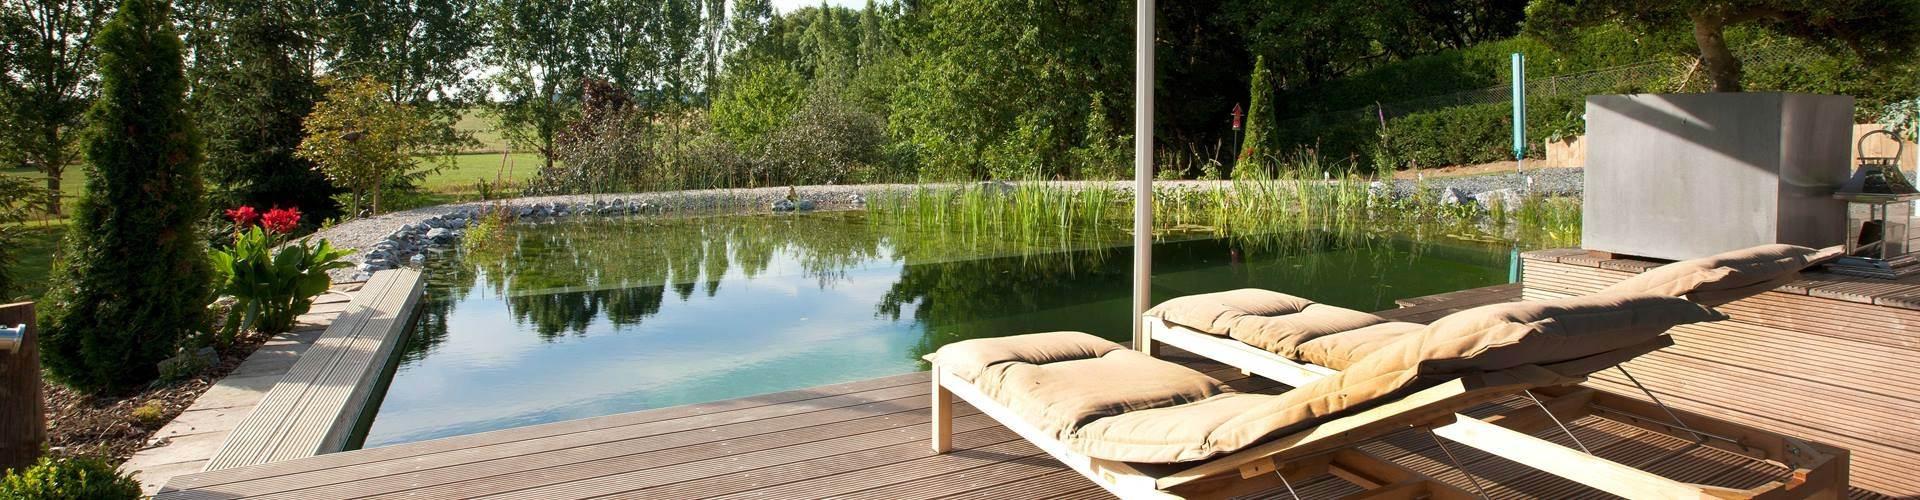 Bonati piscine castiglione costruzione piscine mantova mn centro assistenza piscine mantova - Piscina mantova ...